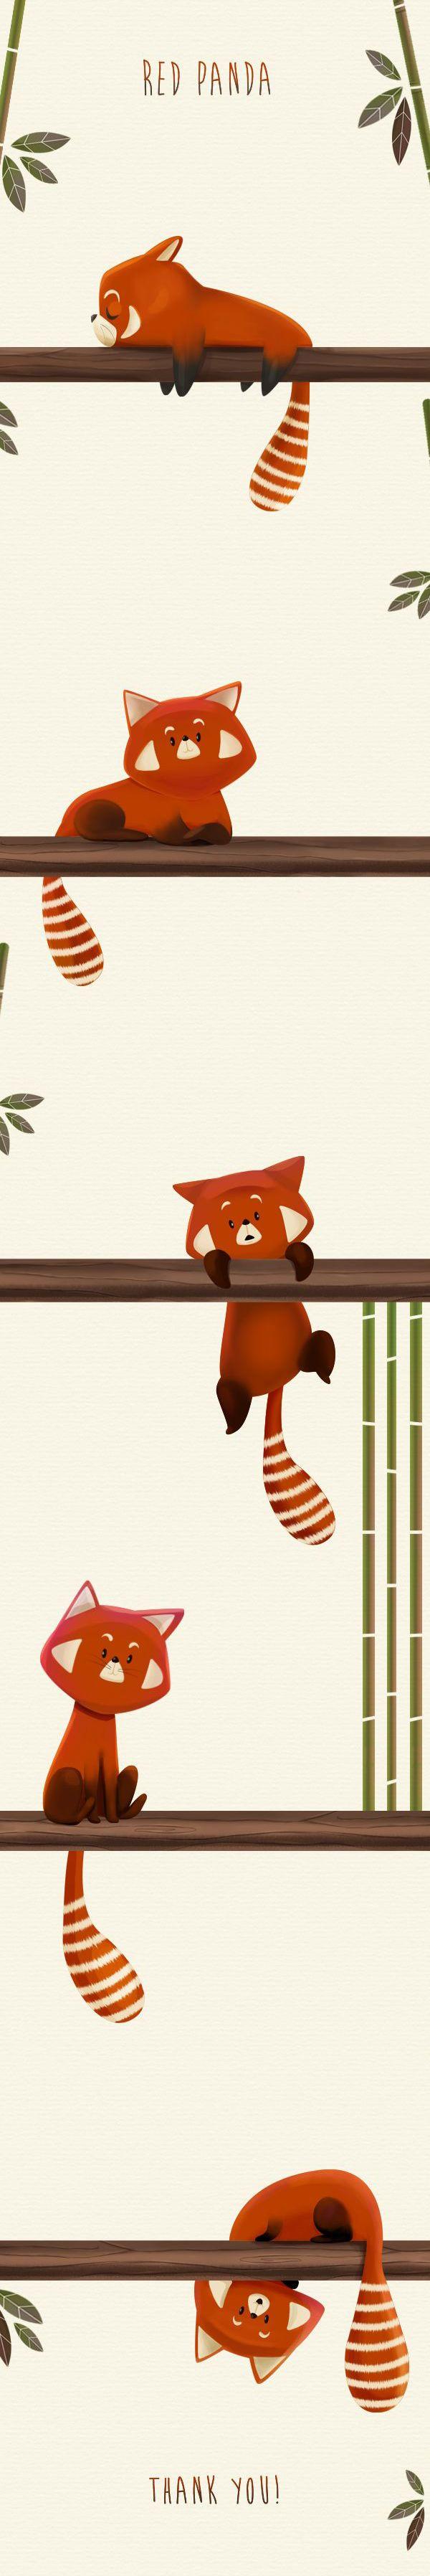 Red Panda - by Marta García Pérez